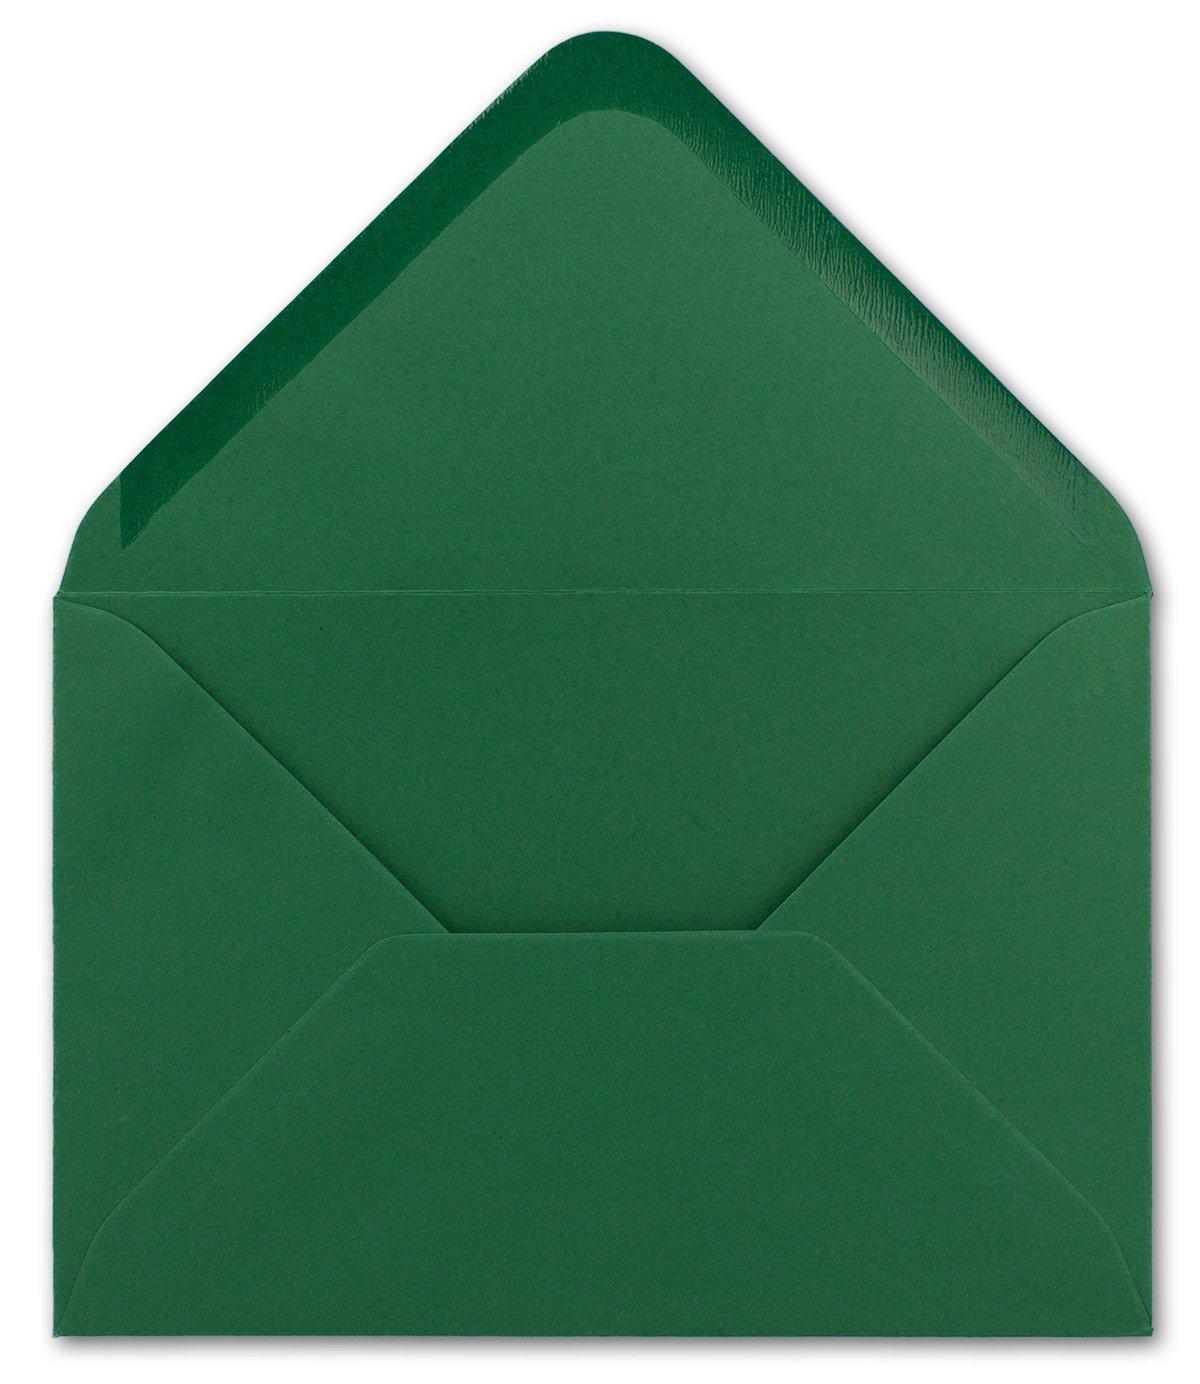 Faltkarten-Set mit Umschlägen DIN A6   Naturweiß mit Goldenen Goldenen Goldenen Metallic Sternen   200 Sets   für Drucker geeignet  Ideal für Weihnachtskarten - Qualitätsmarke  NEUSER FarbenFroh B07JPMBQP1 | Reichhaltiges Design  78dda9